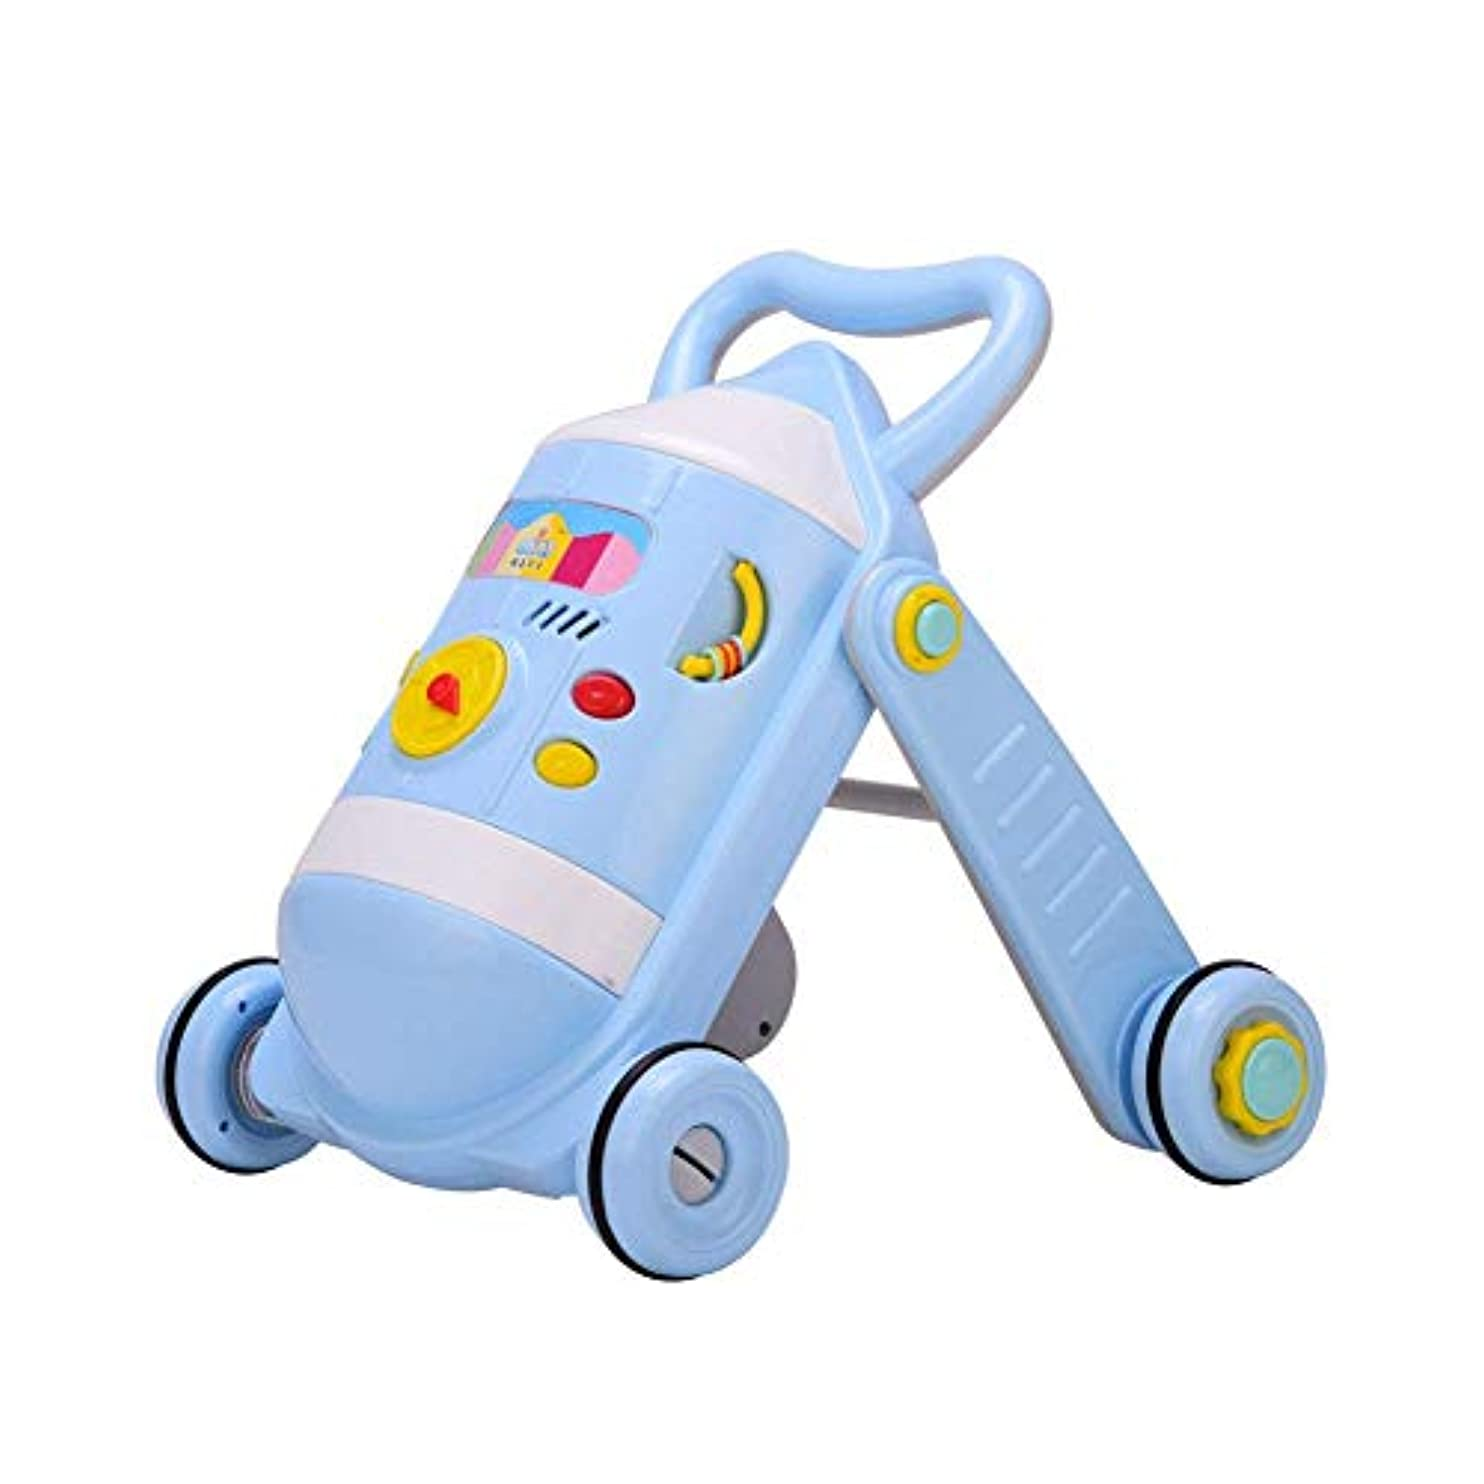 マウスバルコニー情緒的楽しいパネルとウェイトベアリングケトル付きベビーウォーカー、耐衝撃性、調整可能な速度、青